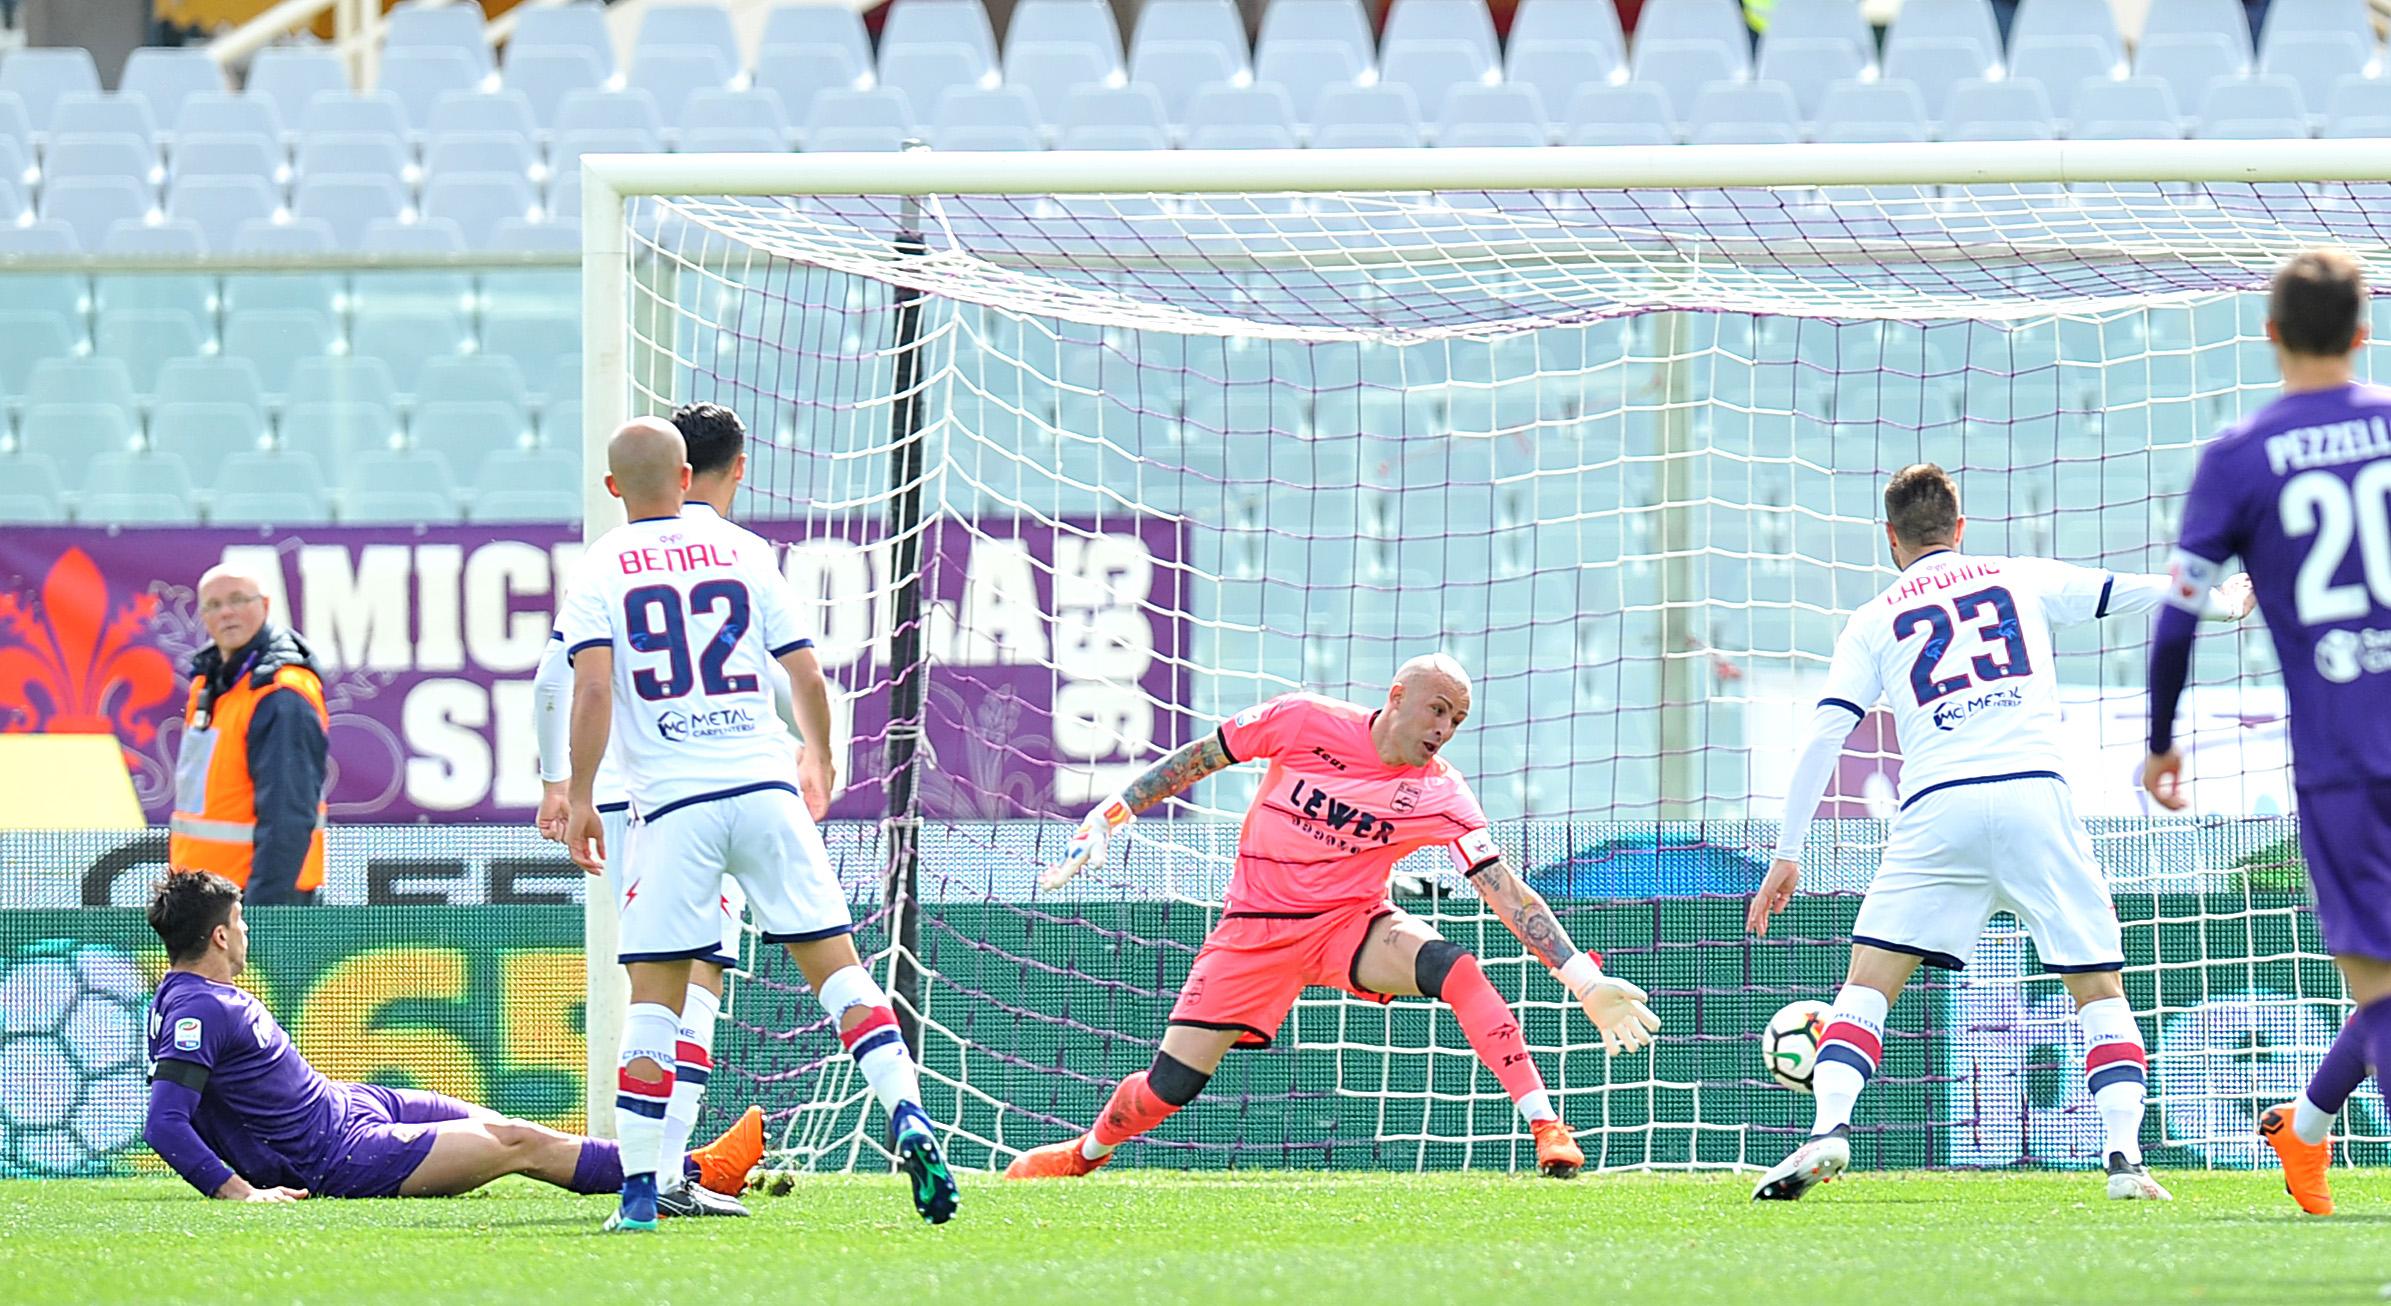 Serie A, il Crotone cede il passo alla FiorentinaAl Franchi il ricordo commosso di Astori e Mondonico